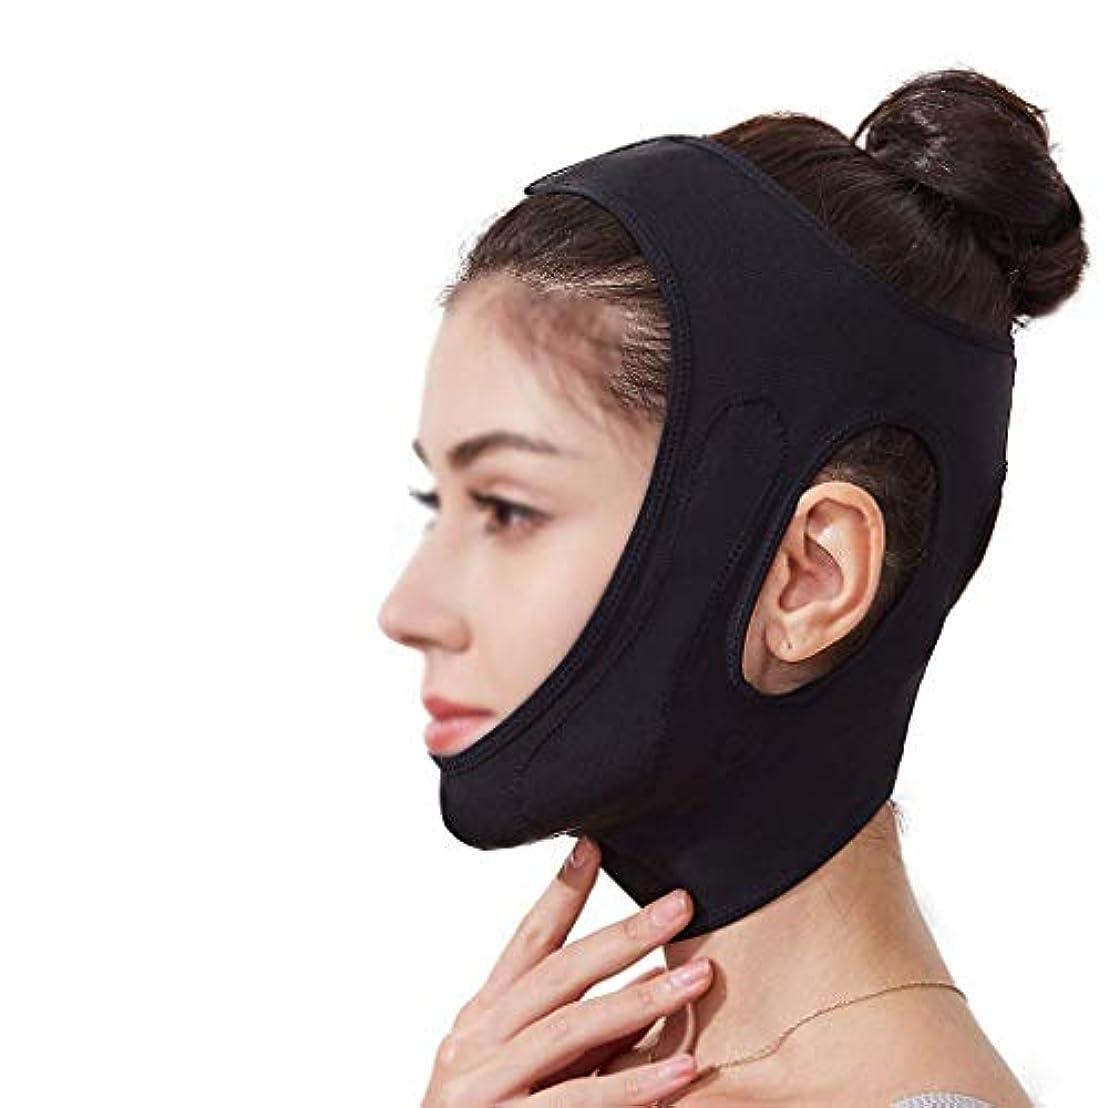 知覚する大破隔離フェイスリフティングバンデージ、顔の頬V字型リフティングフェイスマスクしわの軽減ダブルチン快適な包帯で小さなVフェイスを作成(色:黒)